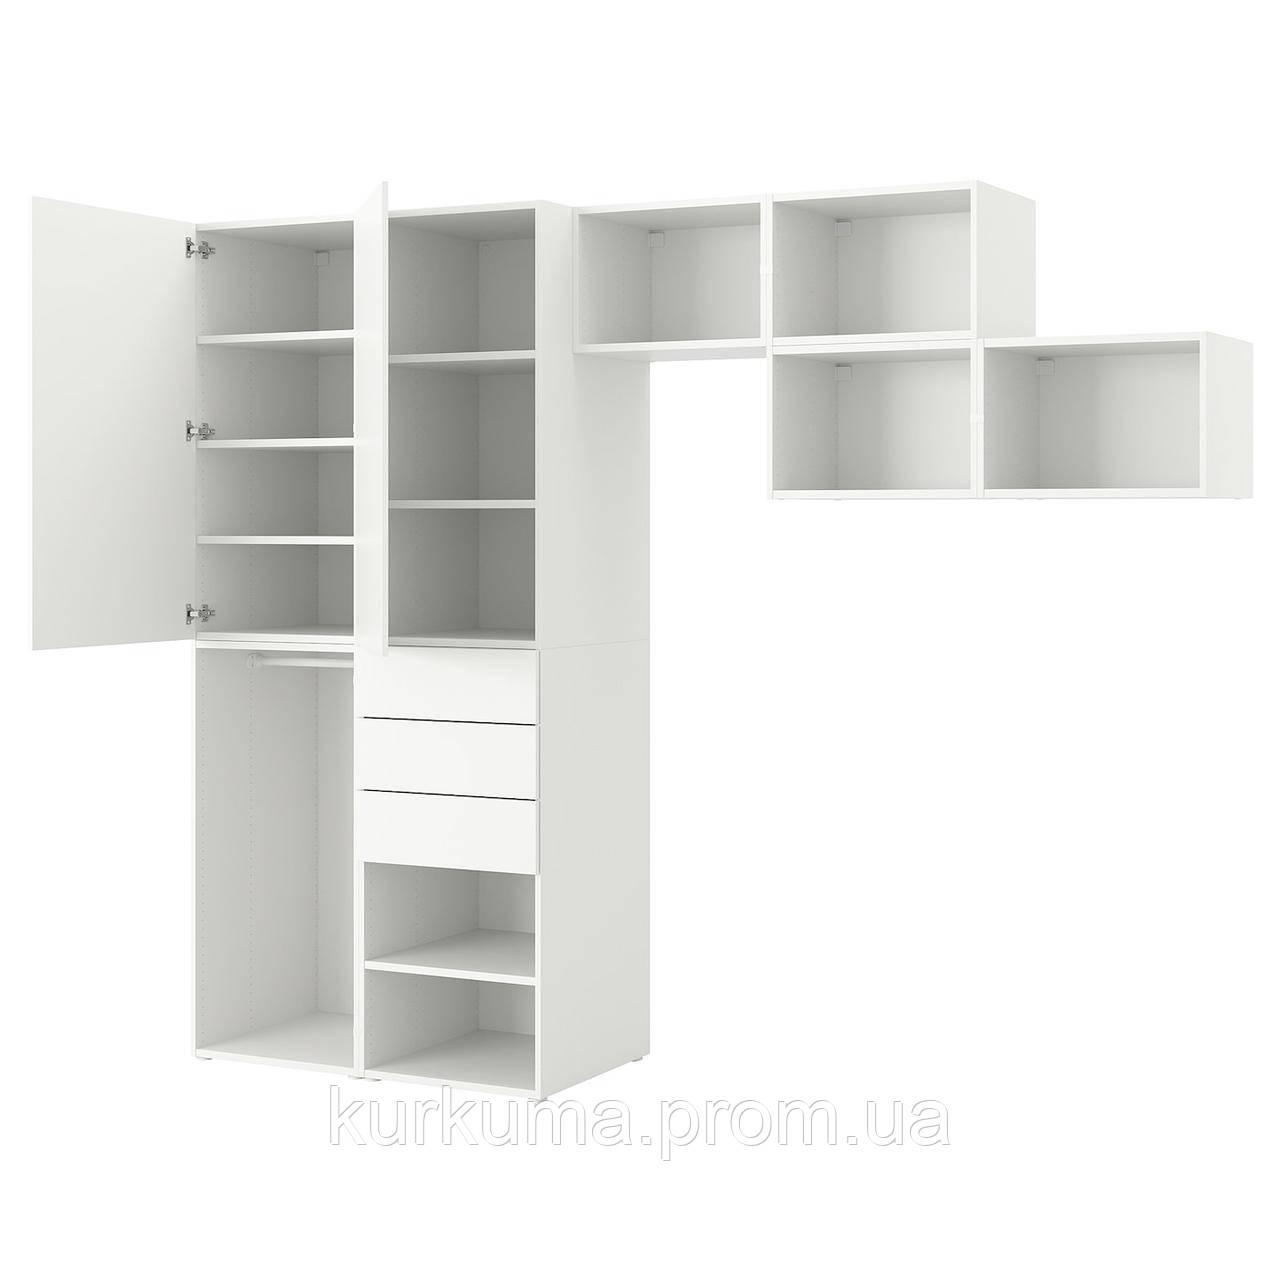 IKEA PLATSA Шкаф с 2 дверями и 3 ящиками, Fonnes белый, 300x57x241 см (993.045.78)